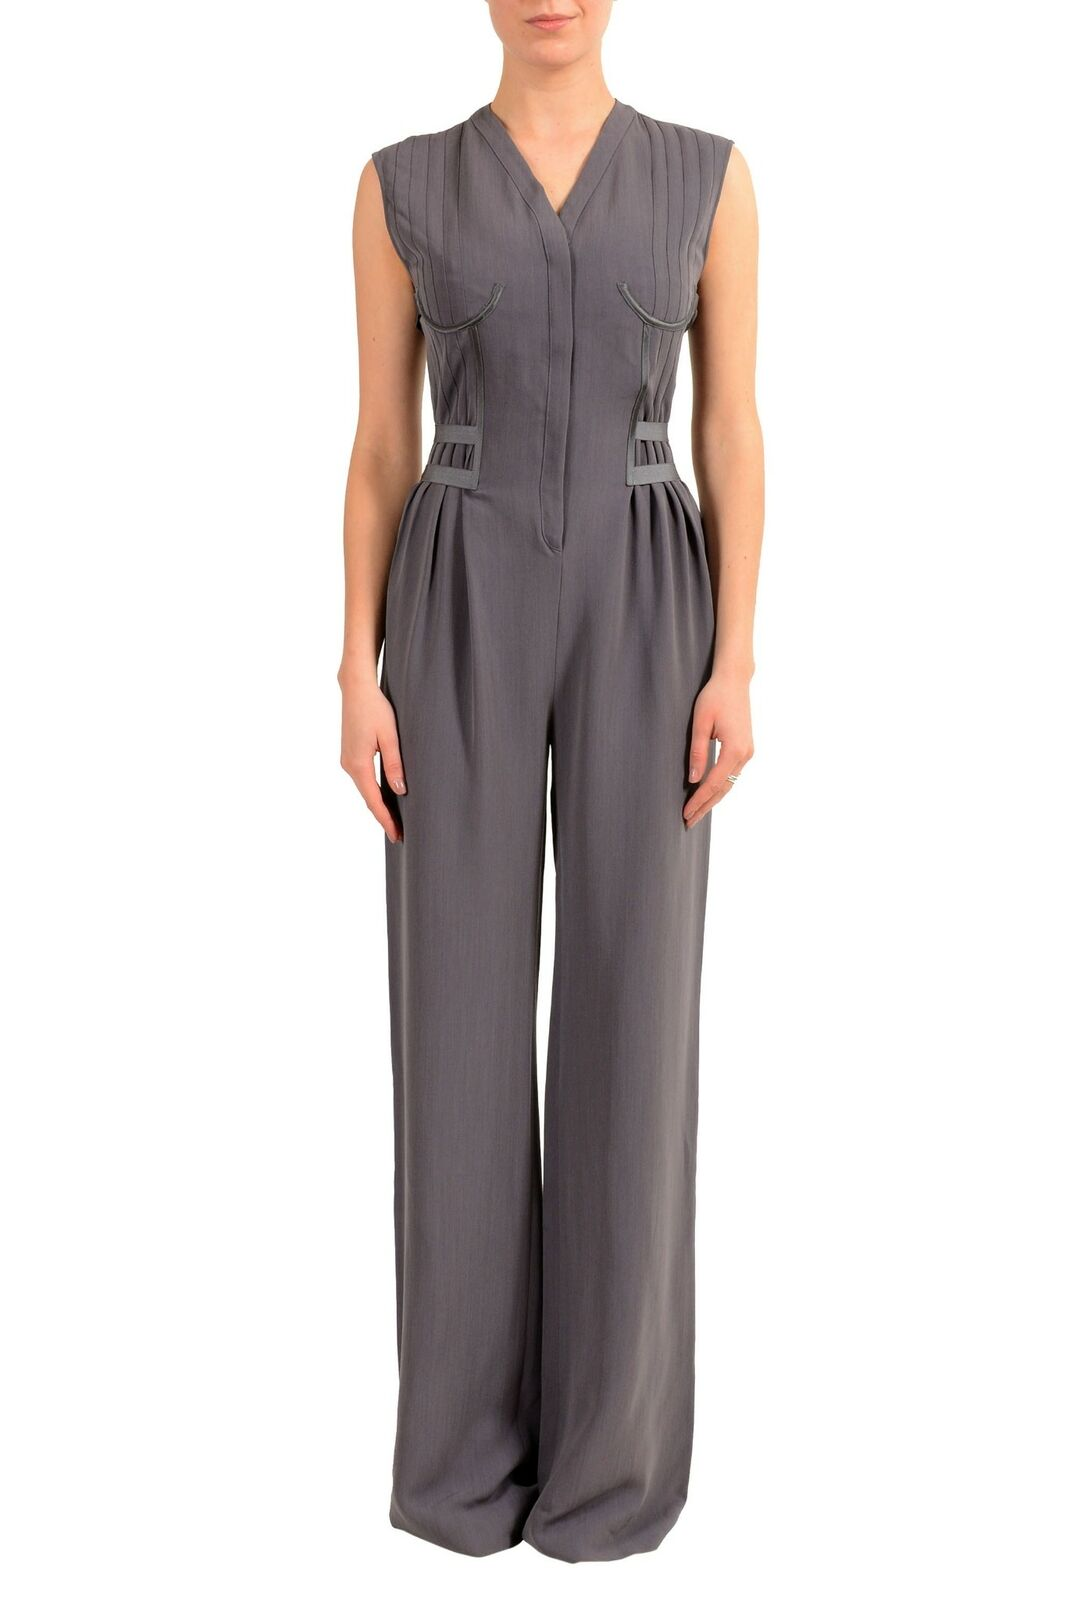 Maison Margiela 1 Women's Wool Purple Sleeveless Straight Leg Jumpsuit